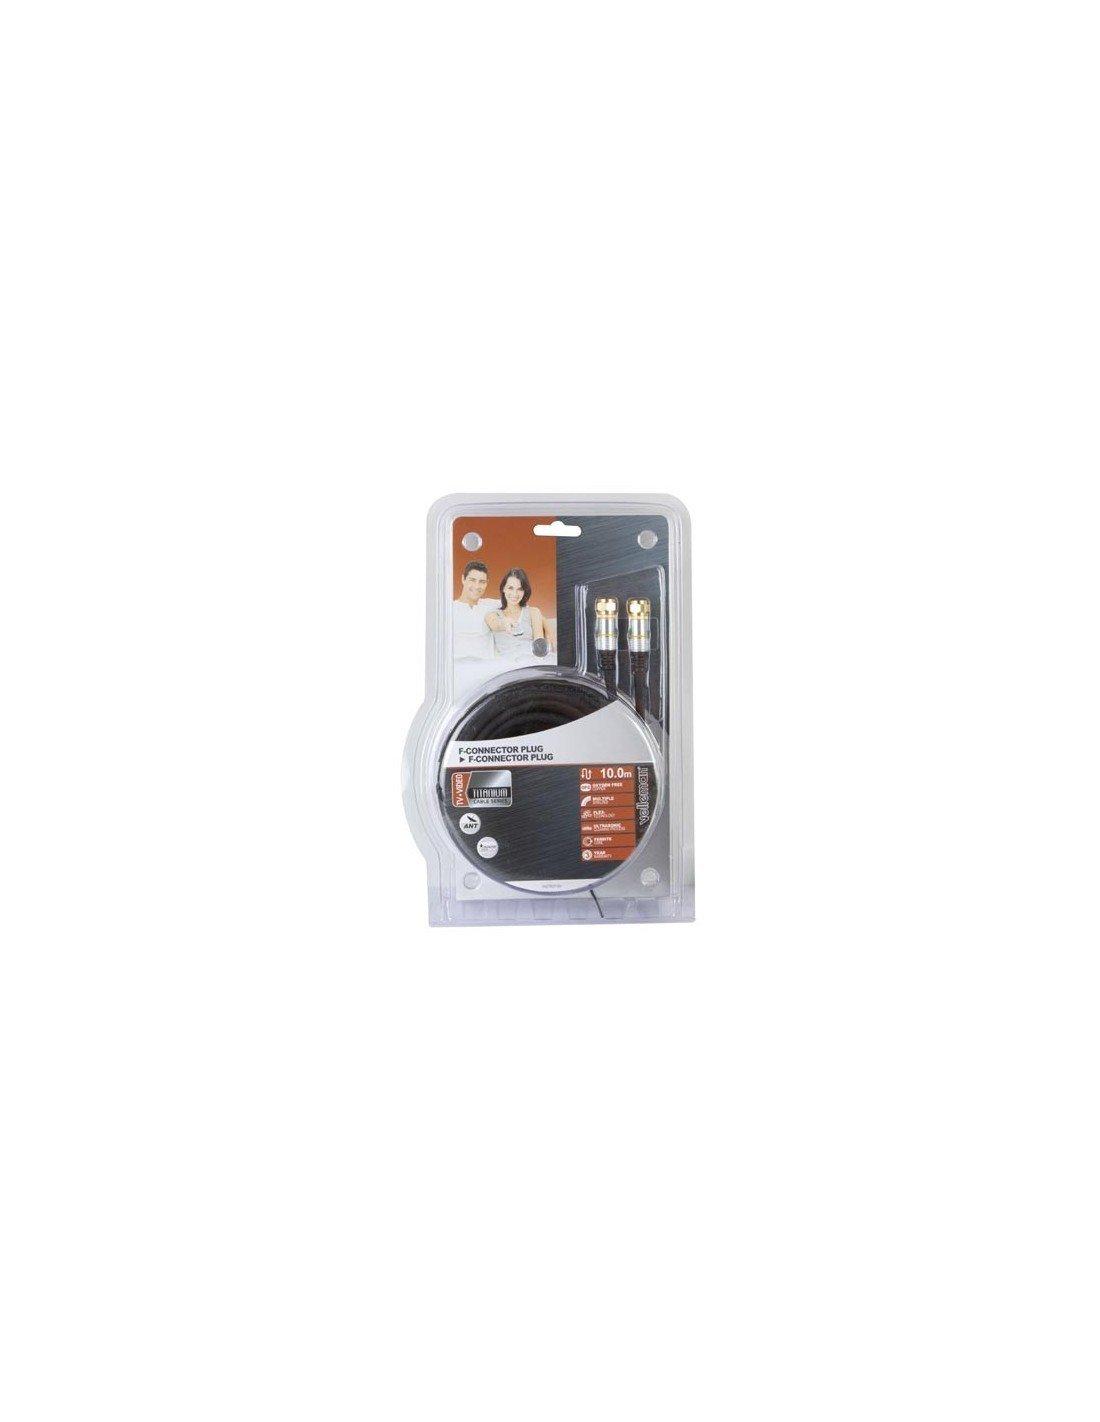 Velleman conector PAC702T100 - Cable conector Velleman F a conector F, multicolor, 10 m 5c4419